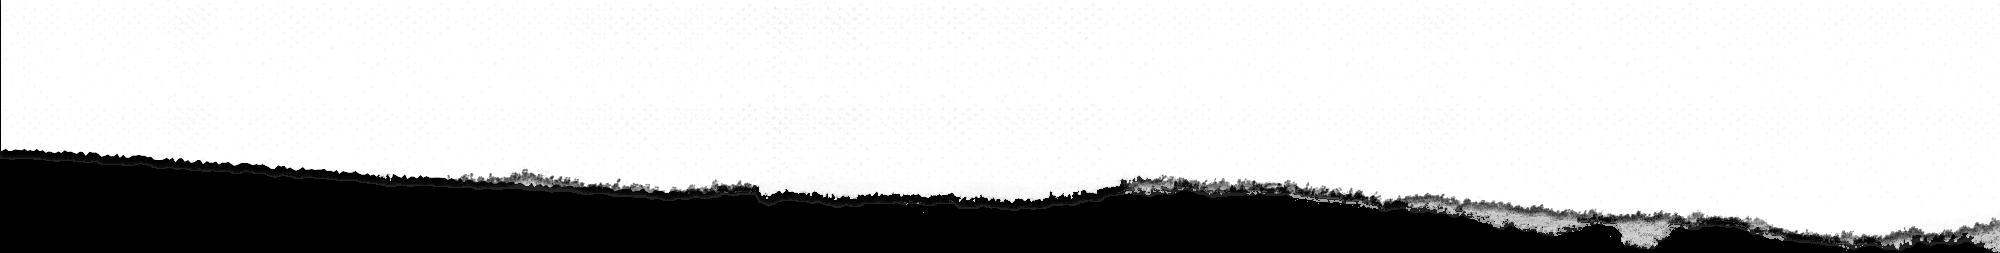 bg-header-pin.png